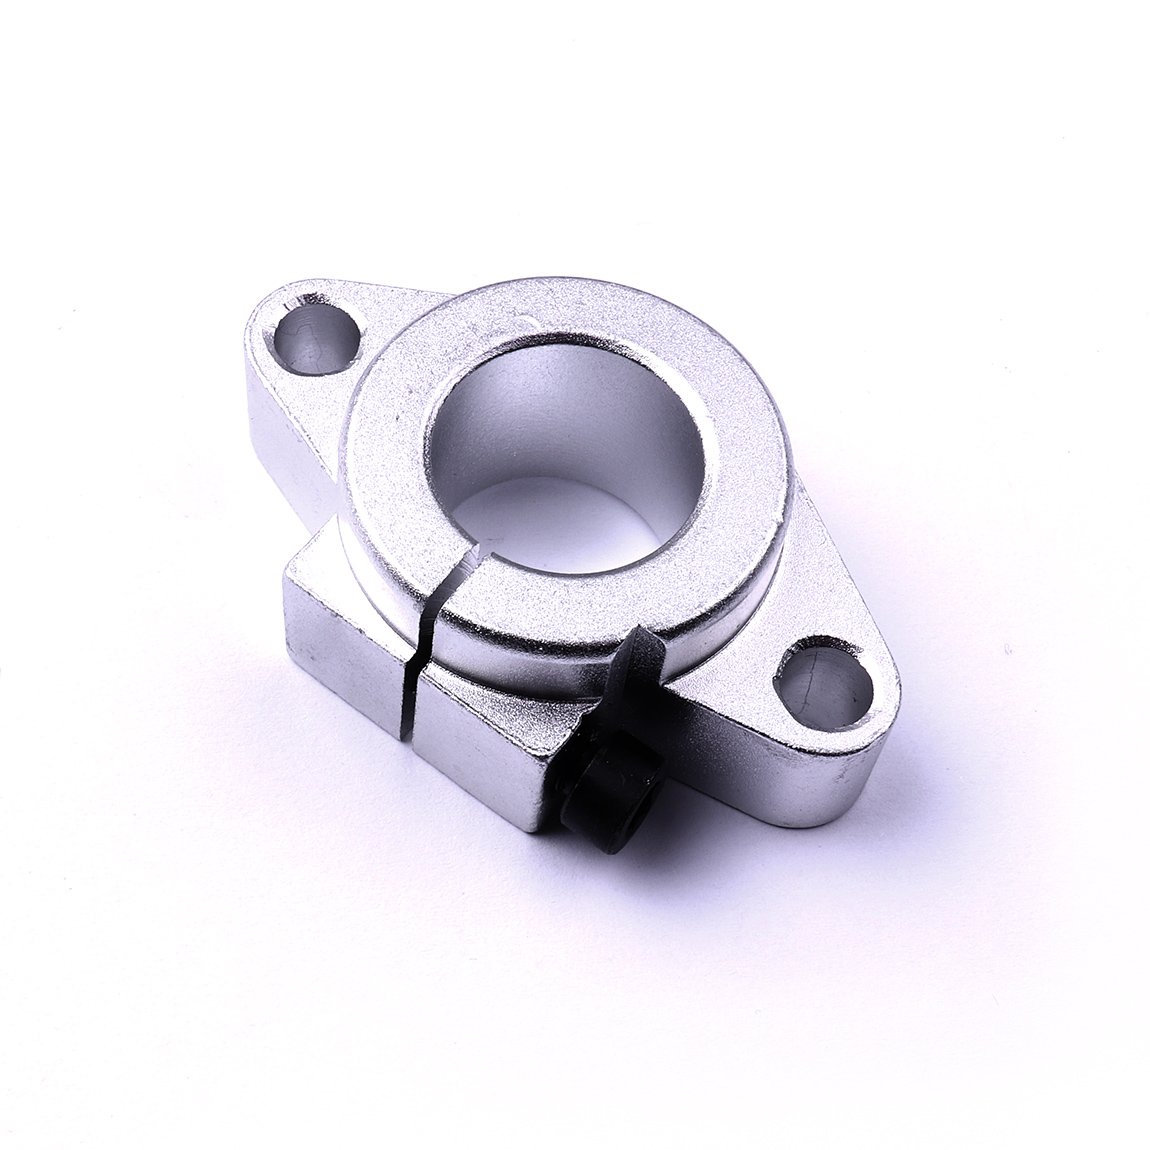 ATOPLEE 4pcs 12mm Montage /à bride Rail de guidage lin/éaire Support darbre//lin/éaire Rod support darbre SHF12